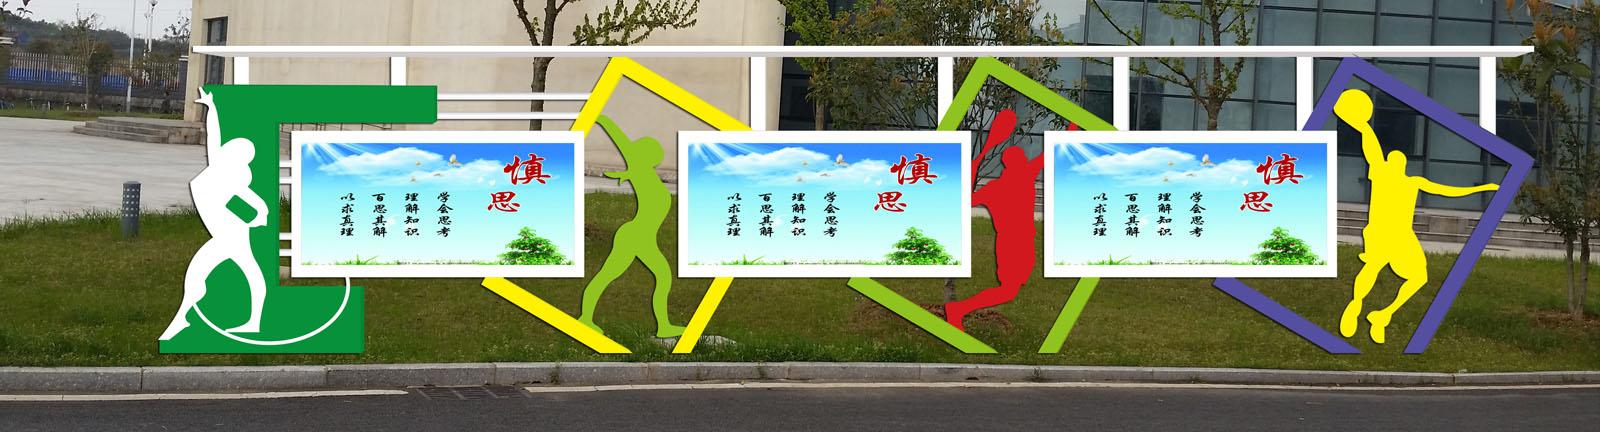 徐州公交候车亭